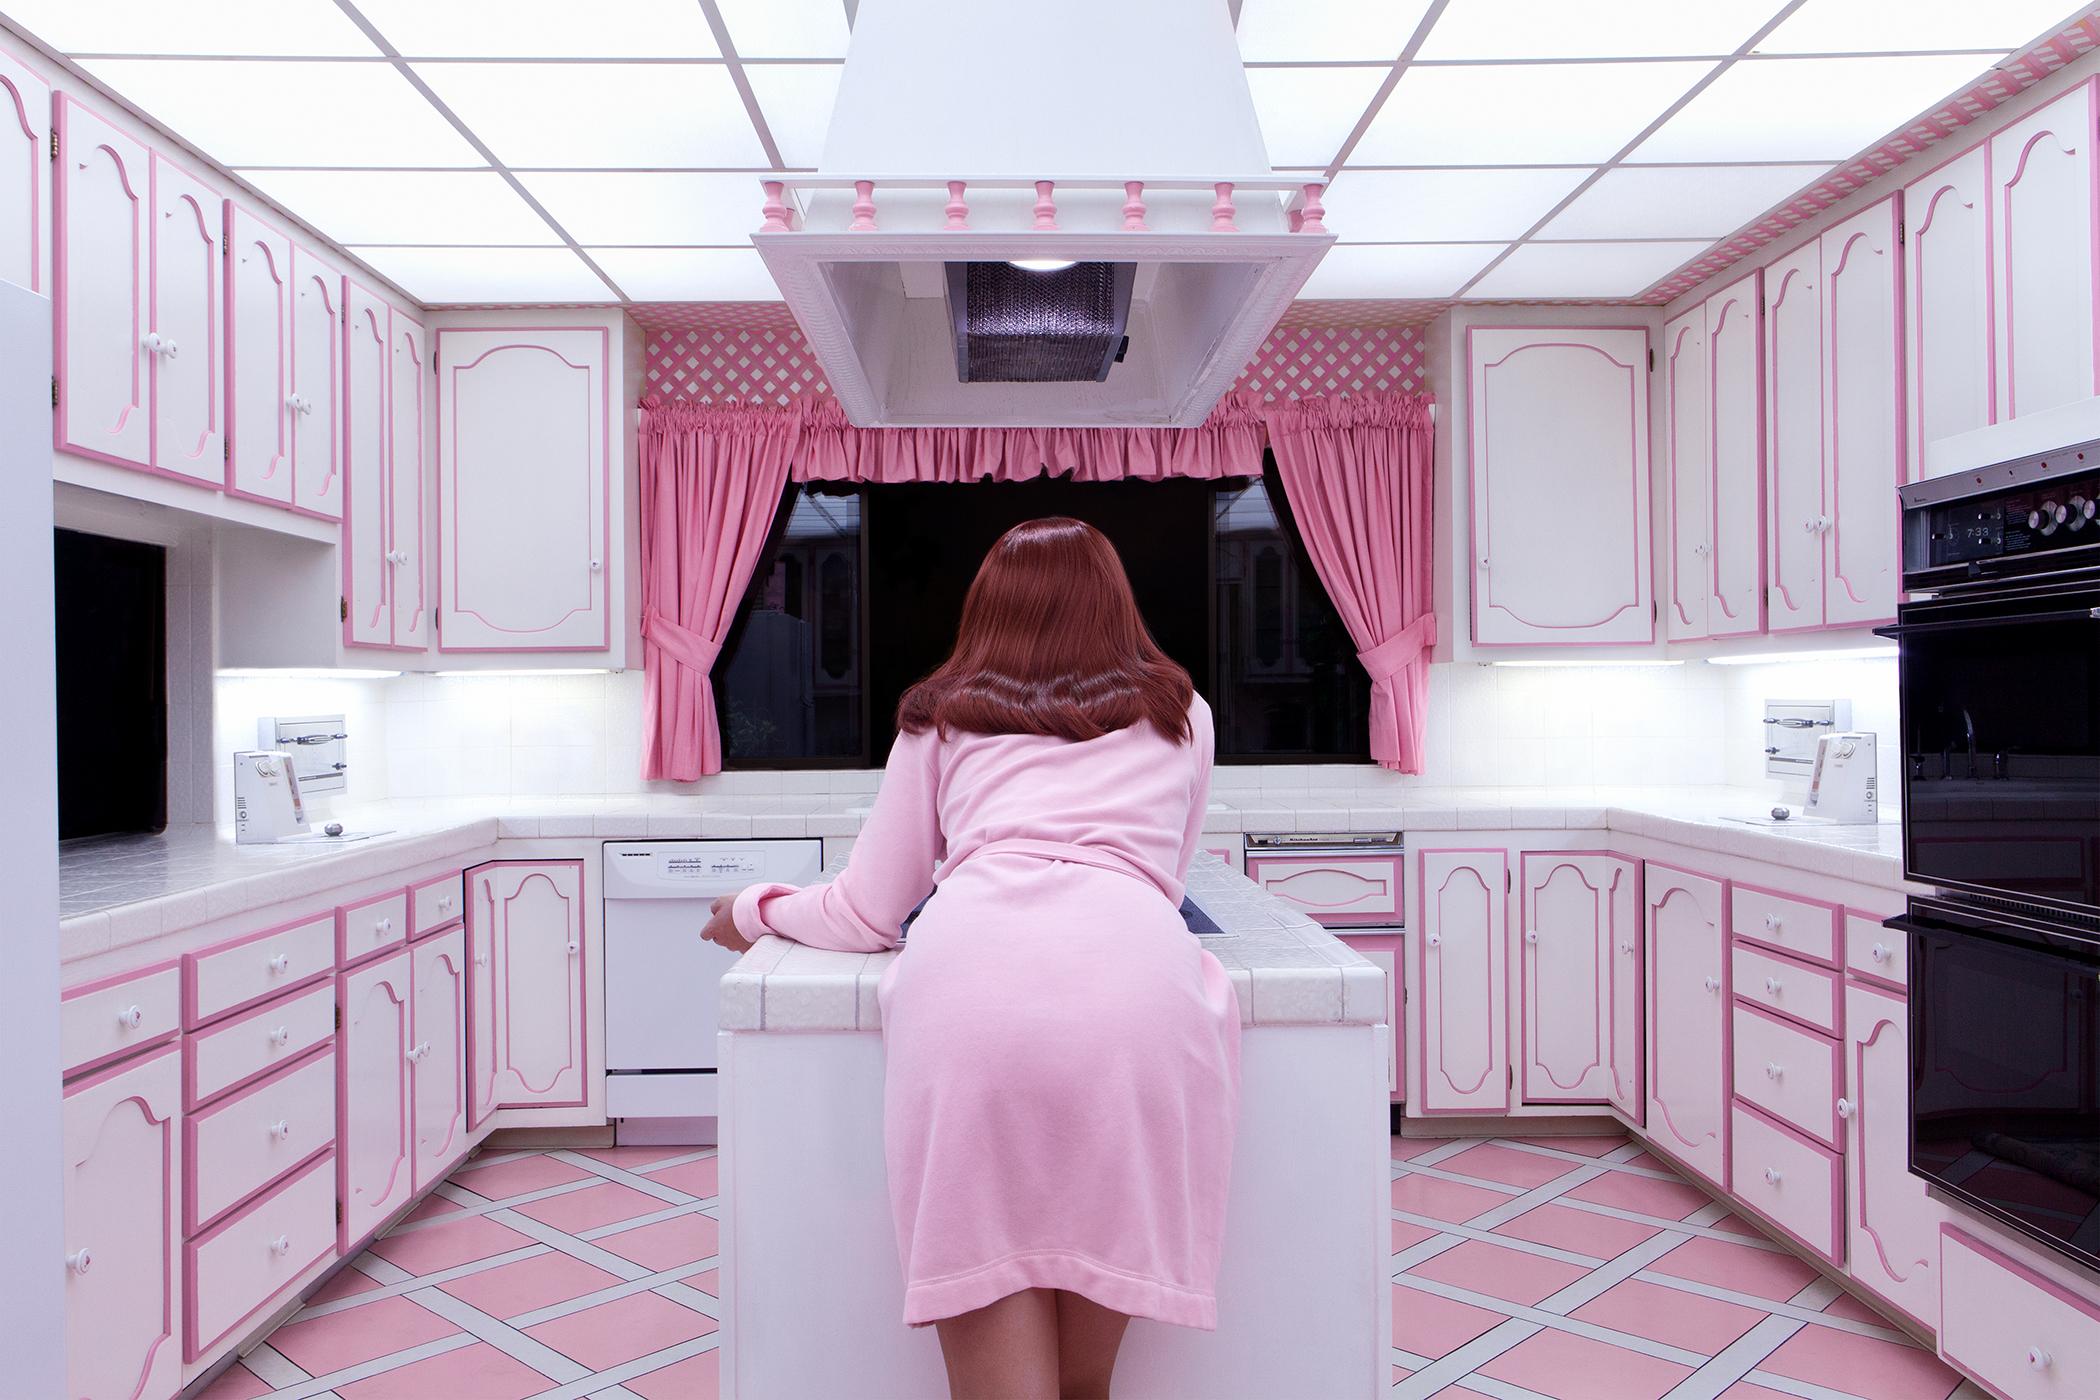 Subterranean Kitchen, 2018